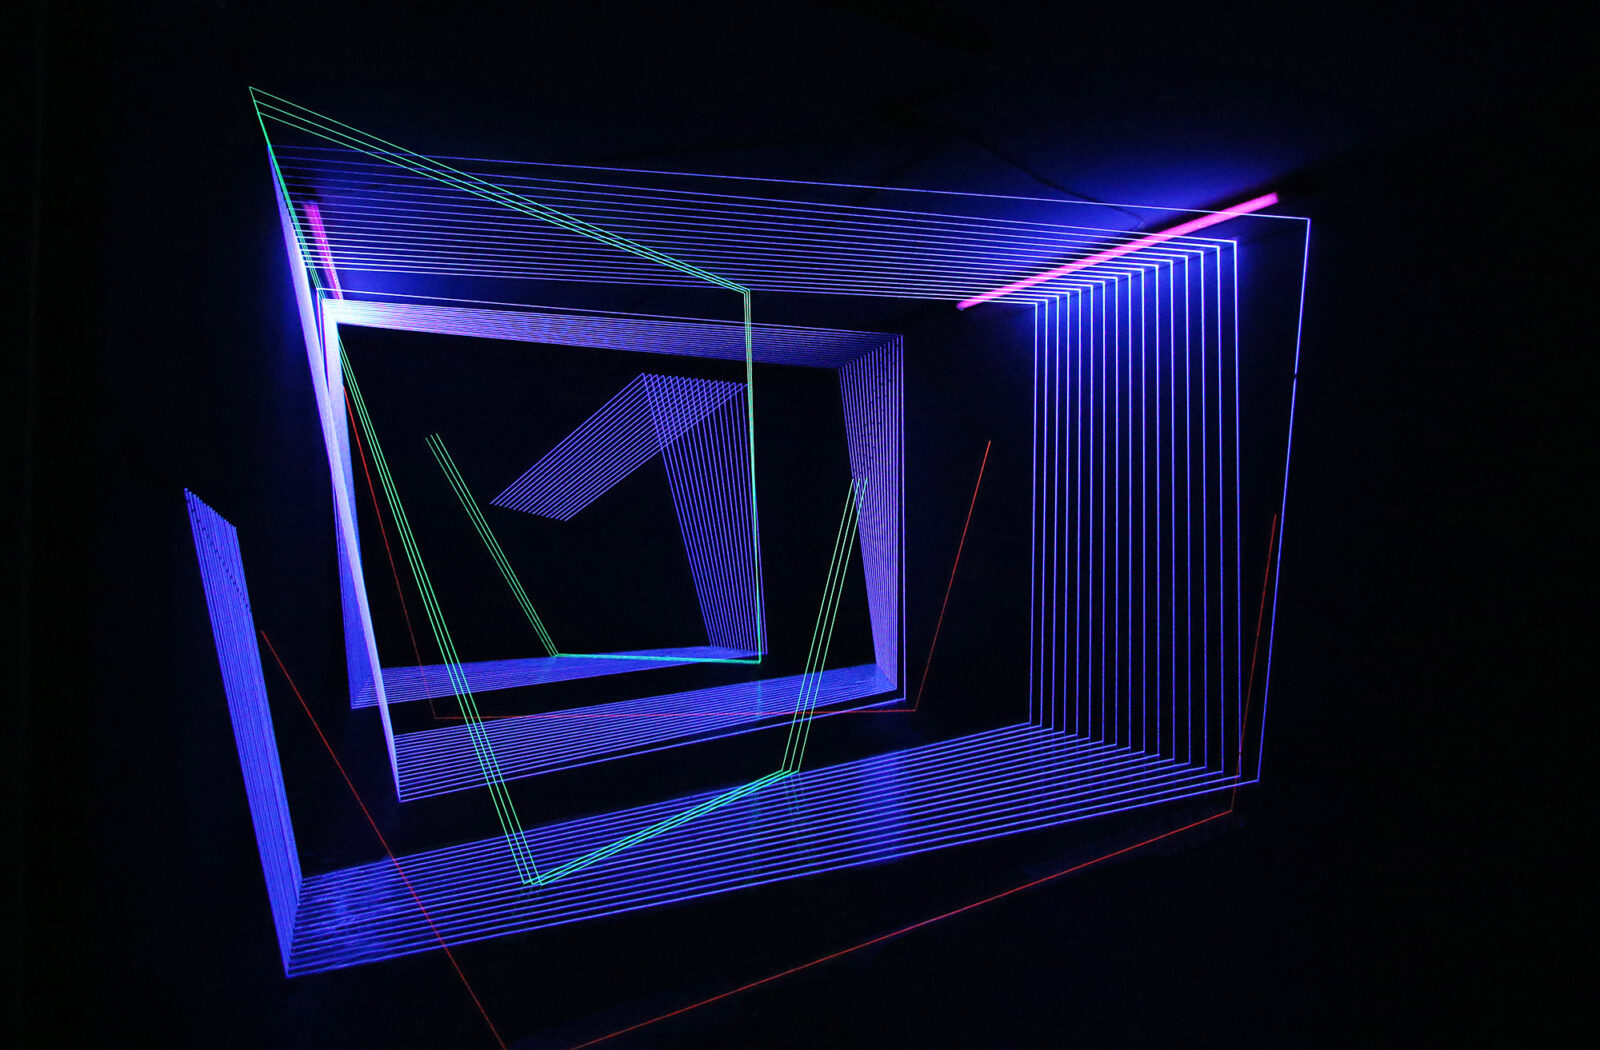 Galerie_Nothelfer_6